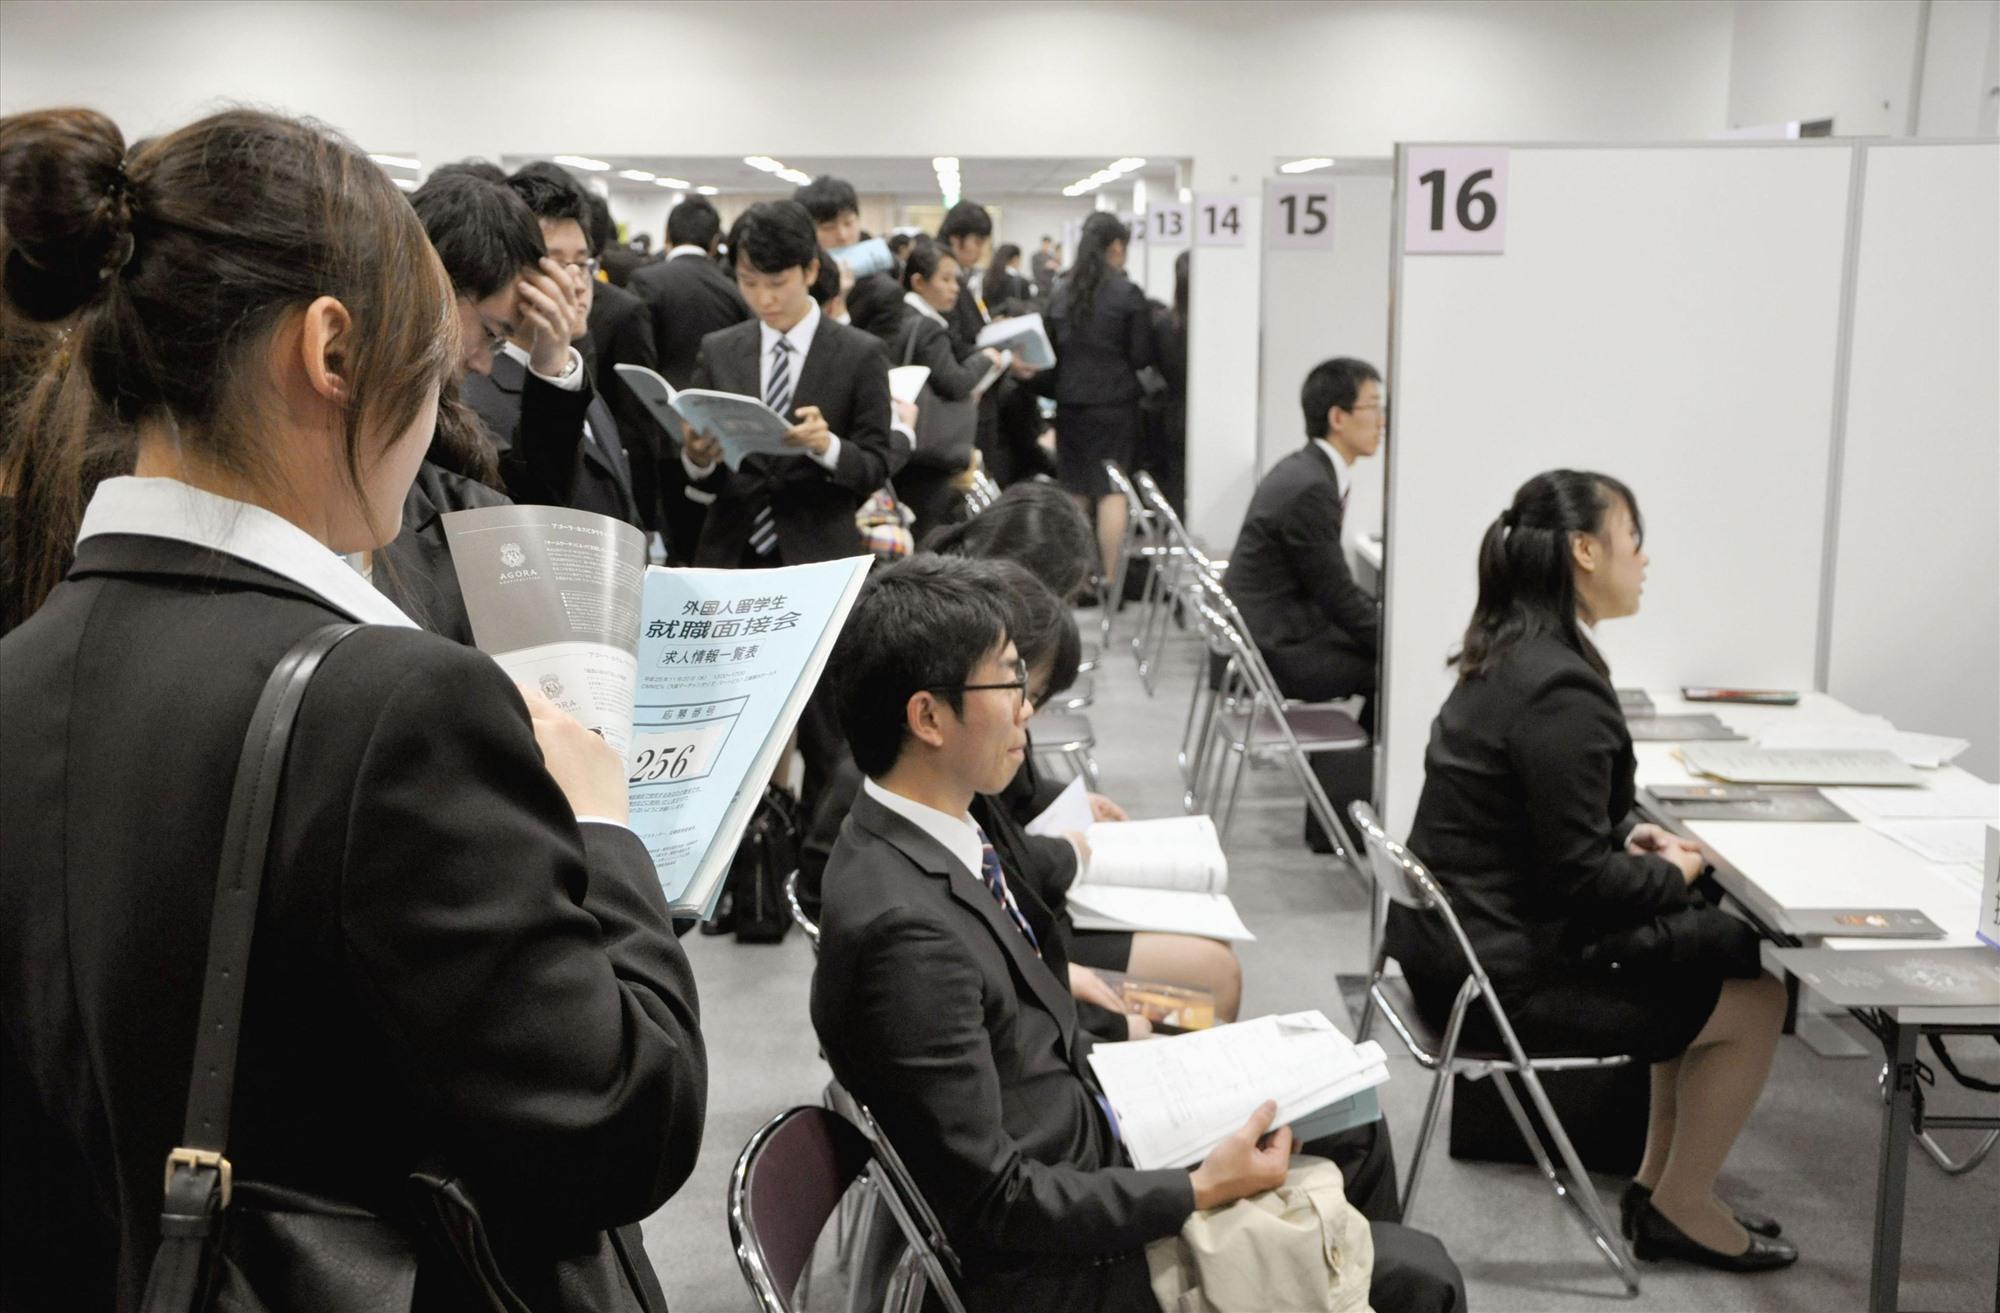 Sinh viên quốc tế tiềm kiếm cơ hội việc làm tại Nhật Bản- Ảnh: Kyodo